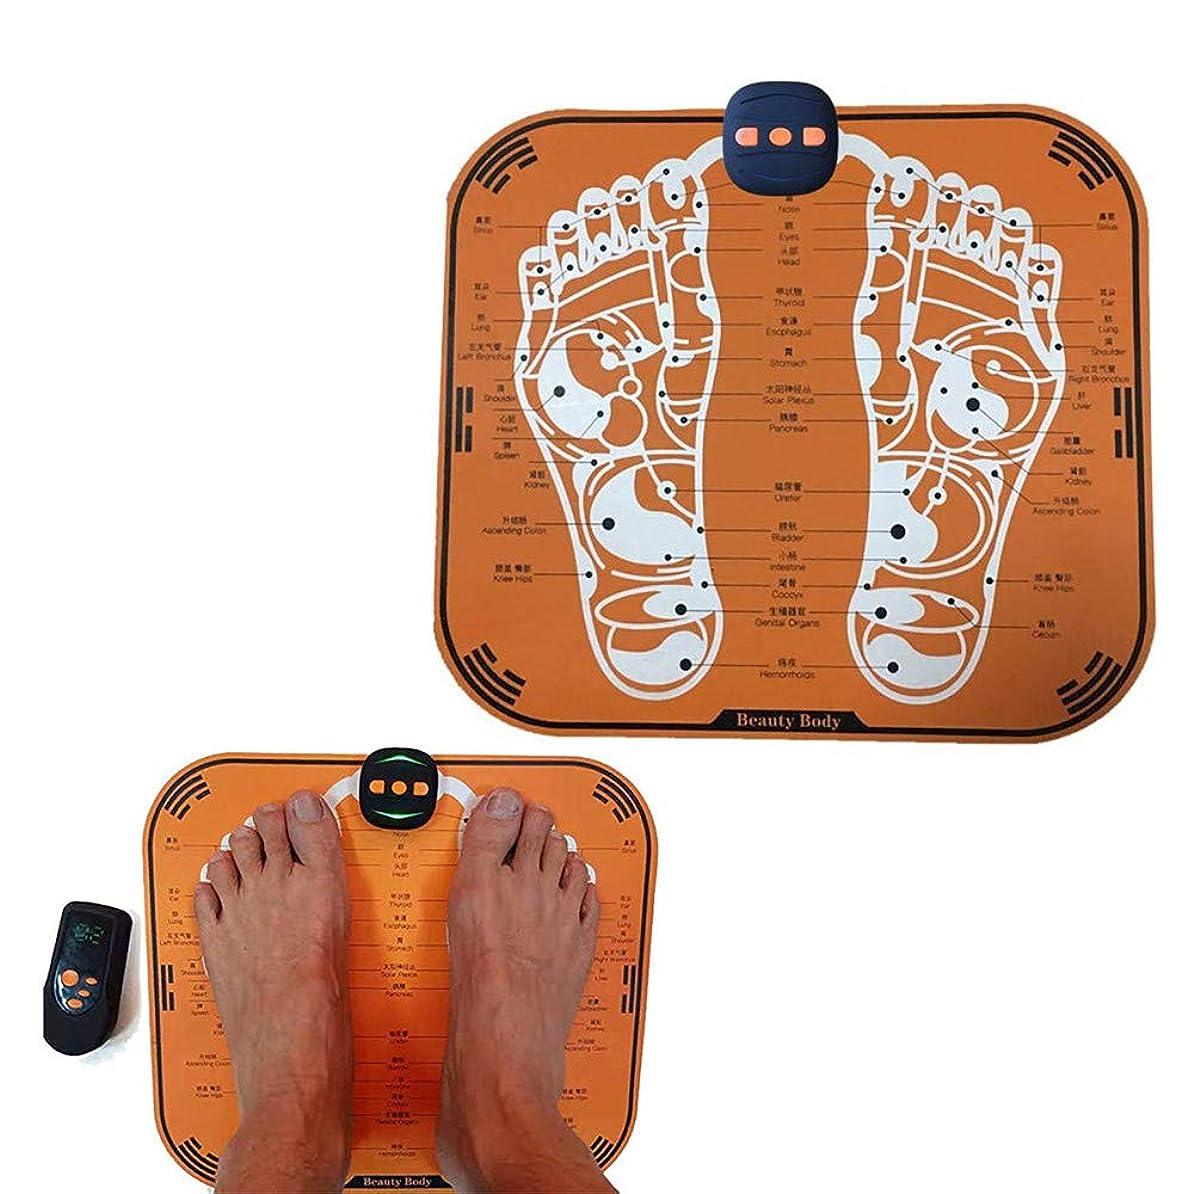 アルバム提案する症状フットマッサージ器、血液の循環を促進する携帯用電気マッサージマット、電子指圧筋肉Stimulatior足のマッサージを折りたたみ